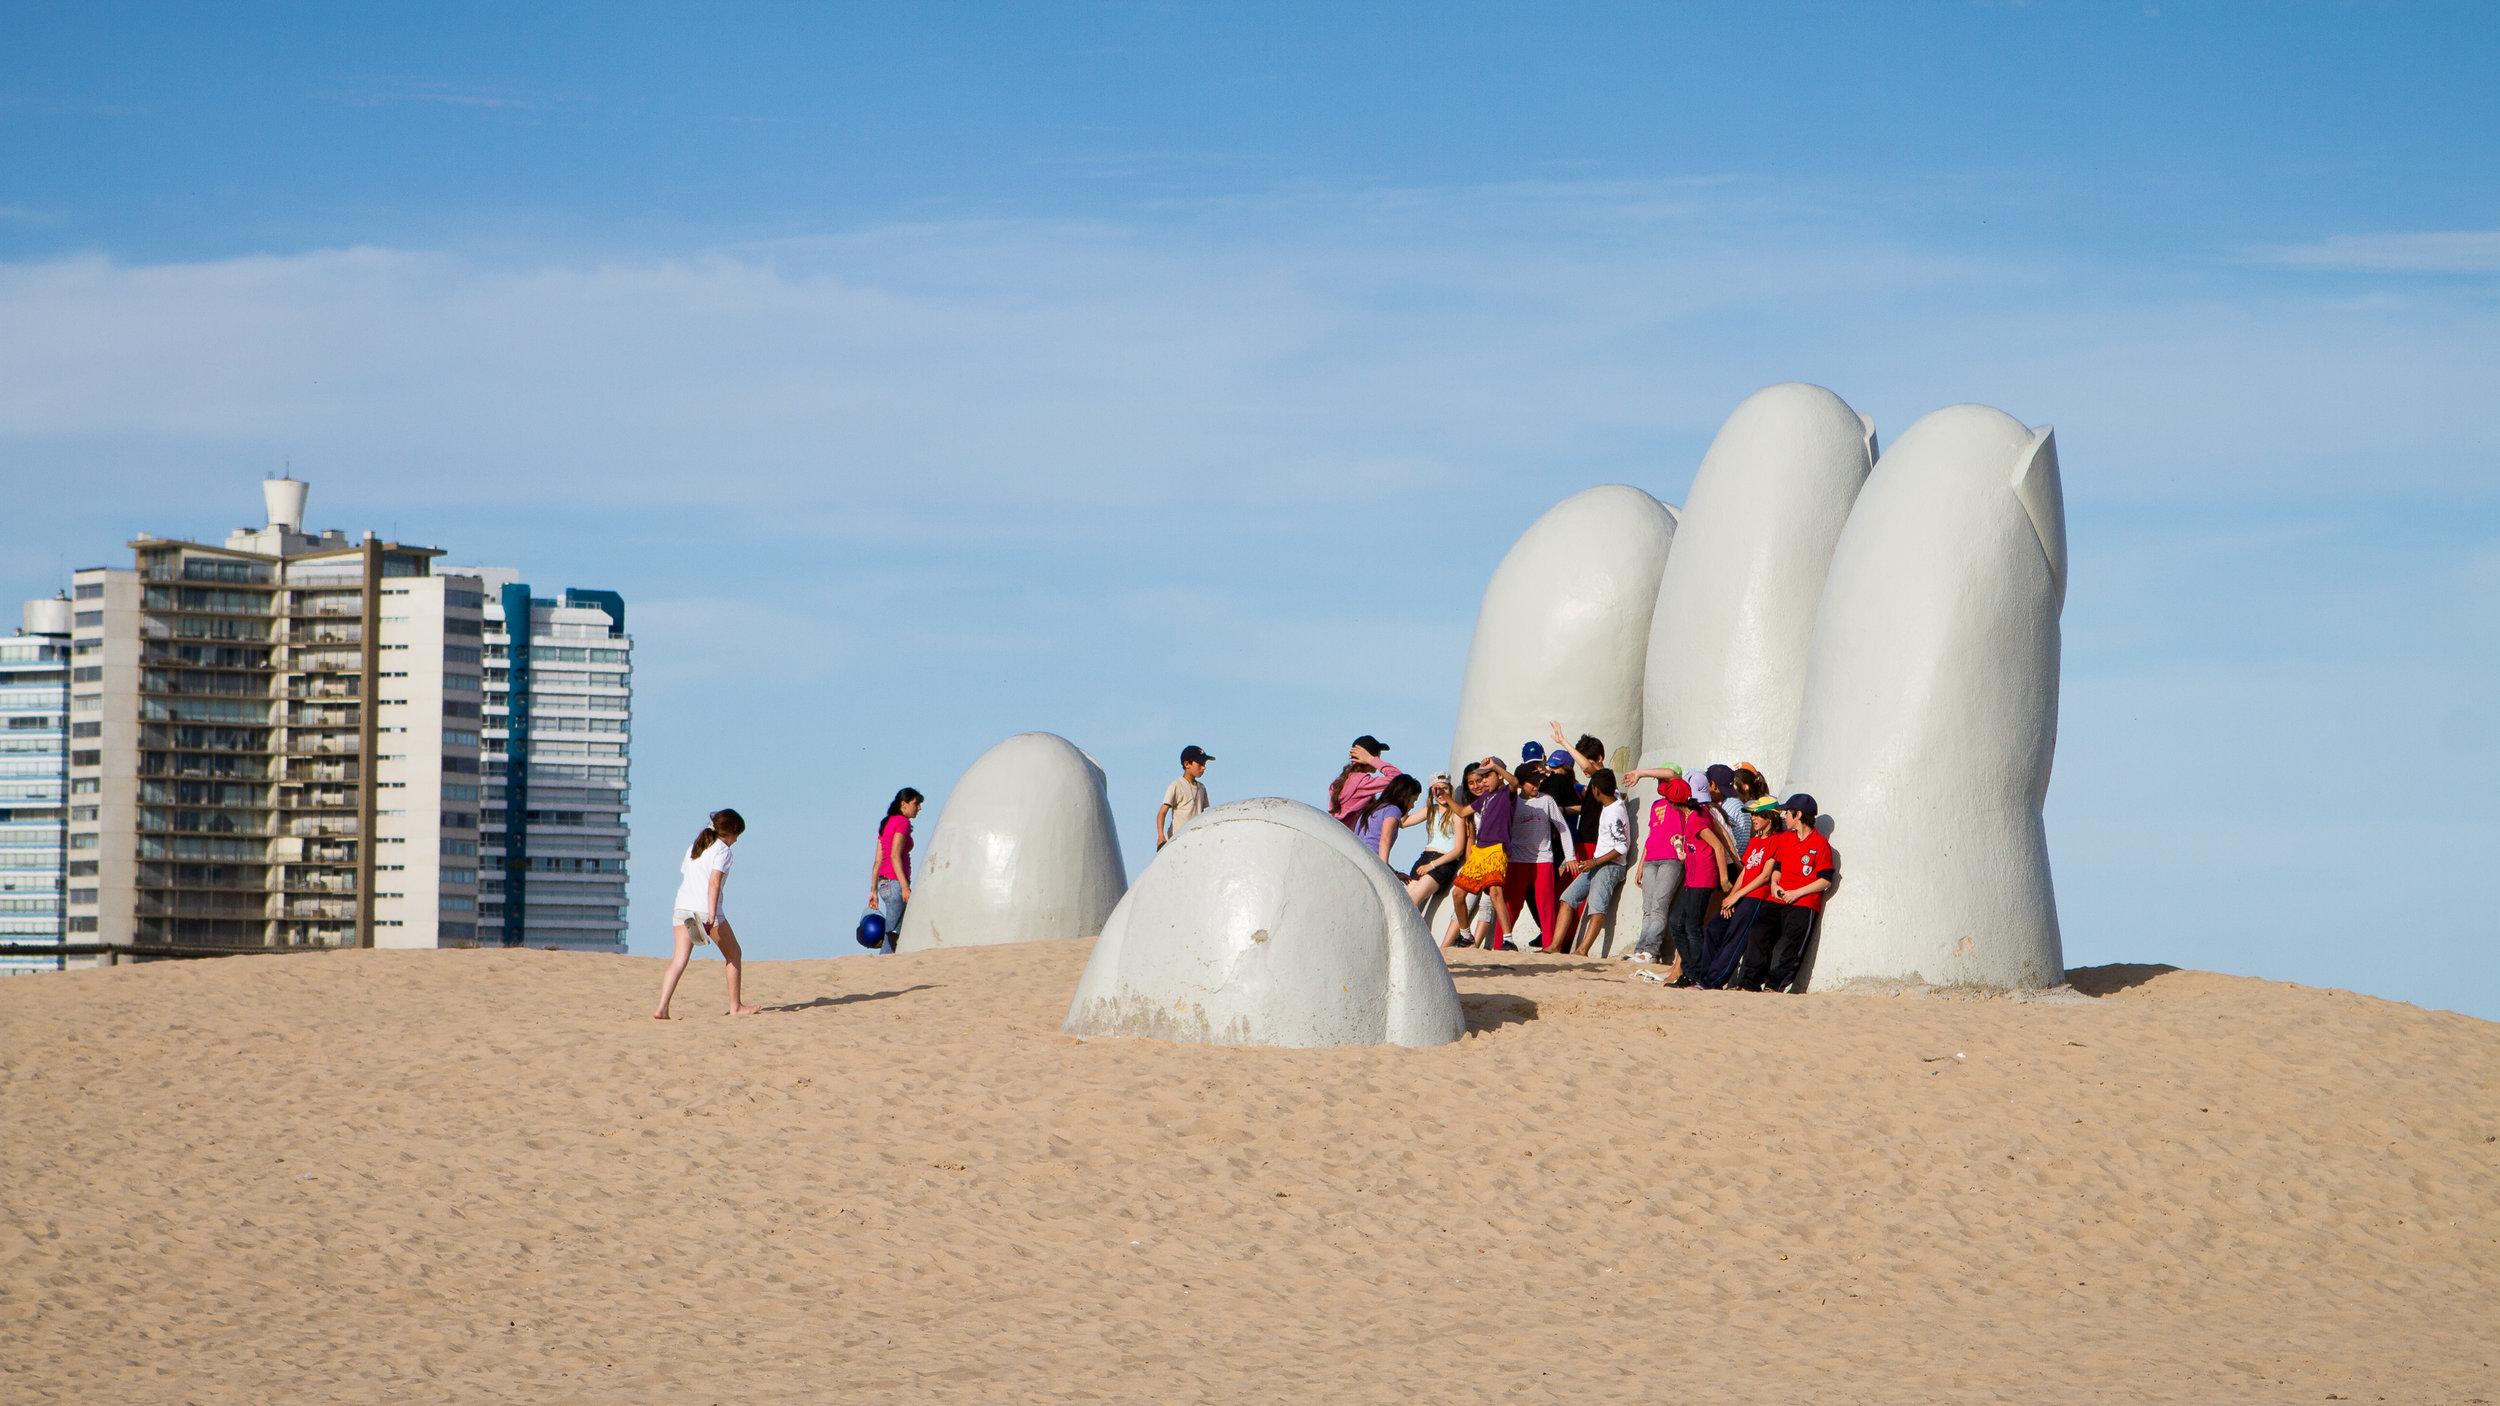 Punta Del Este. November, 2010